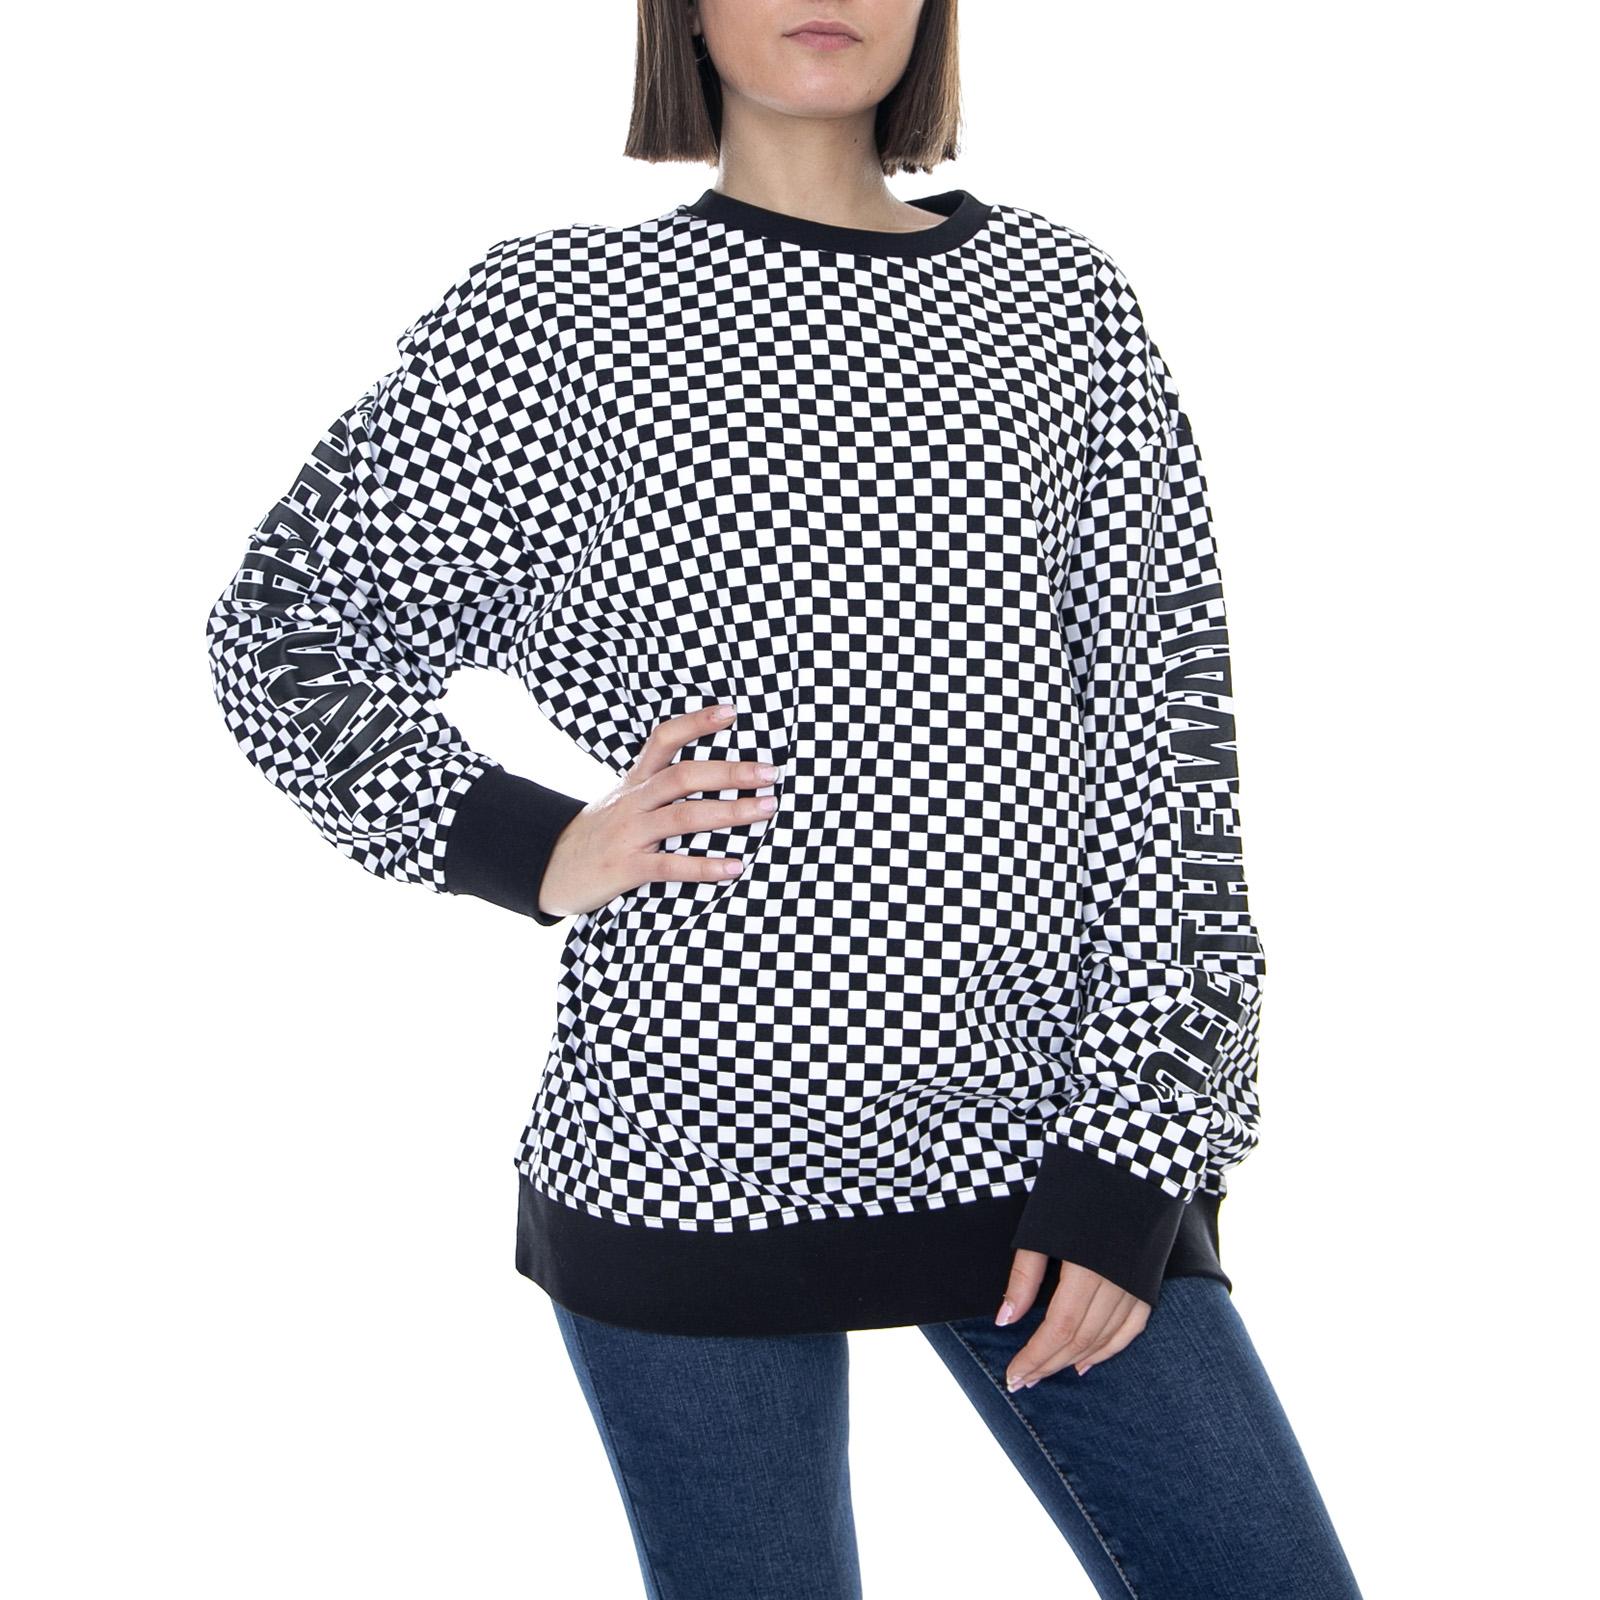 Women Details About Wm Central Black Necked Sweatshirt Vans Crew Emea Round 7gf6yb